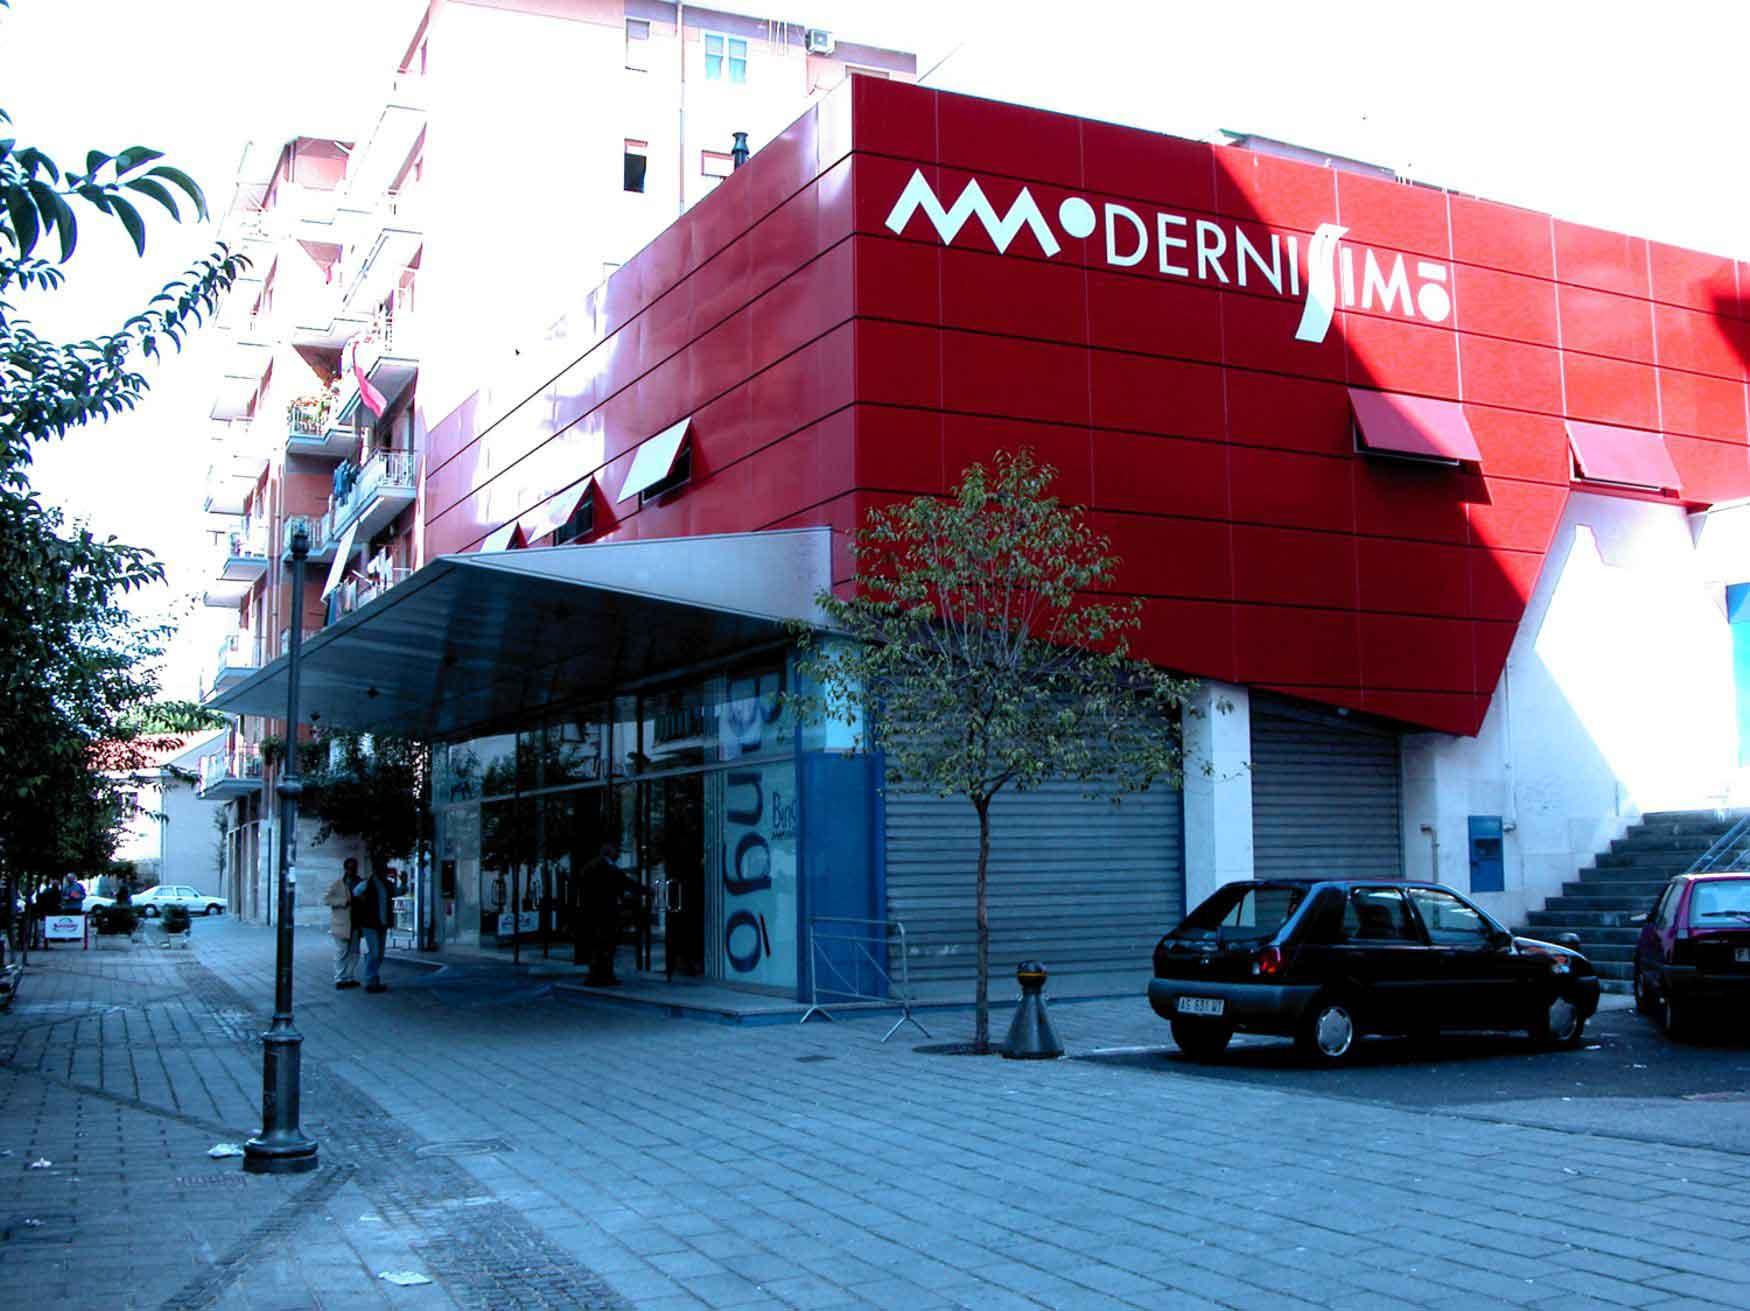 Bingo Modernissimo Salerno: tutte le info utili della sala salernitana